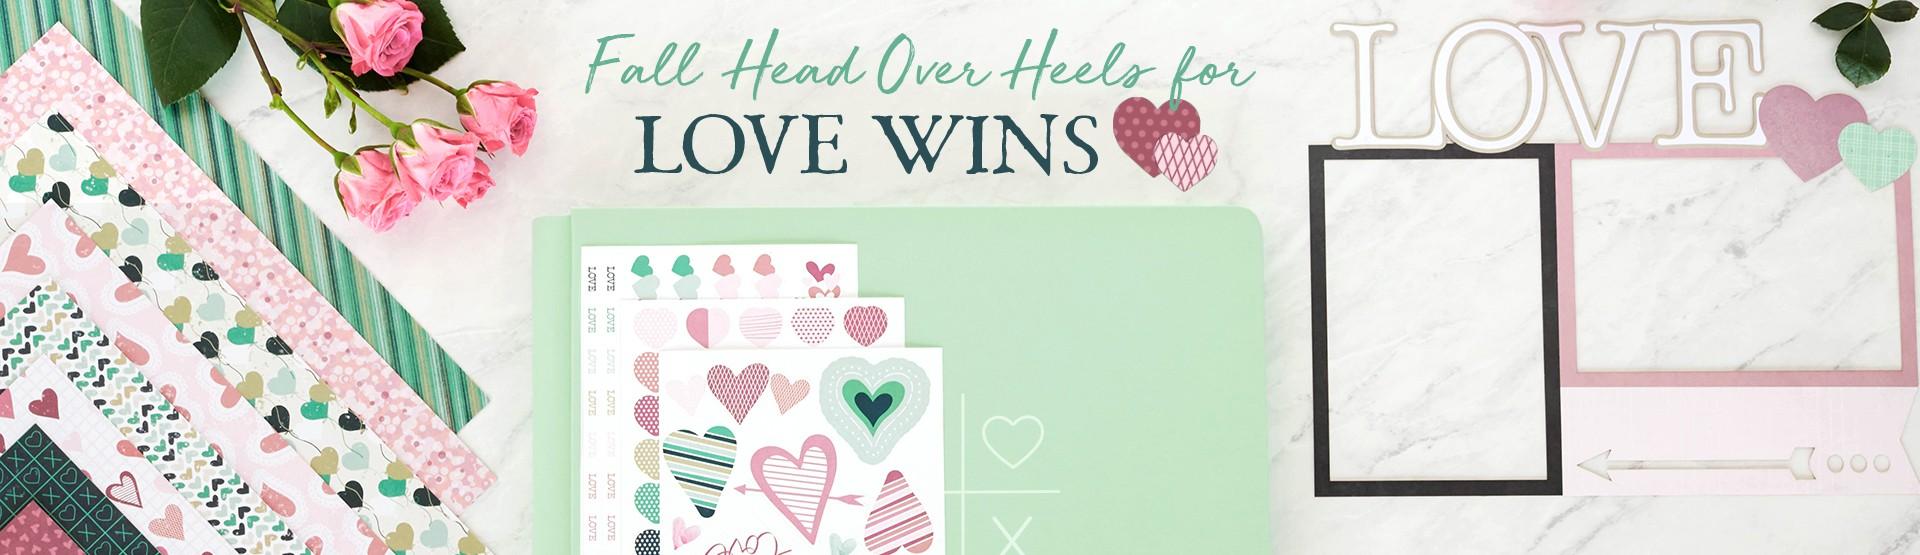 Valentine's Day & Love Scrapbooking Supplies: Love Wins